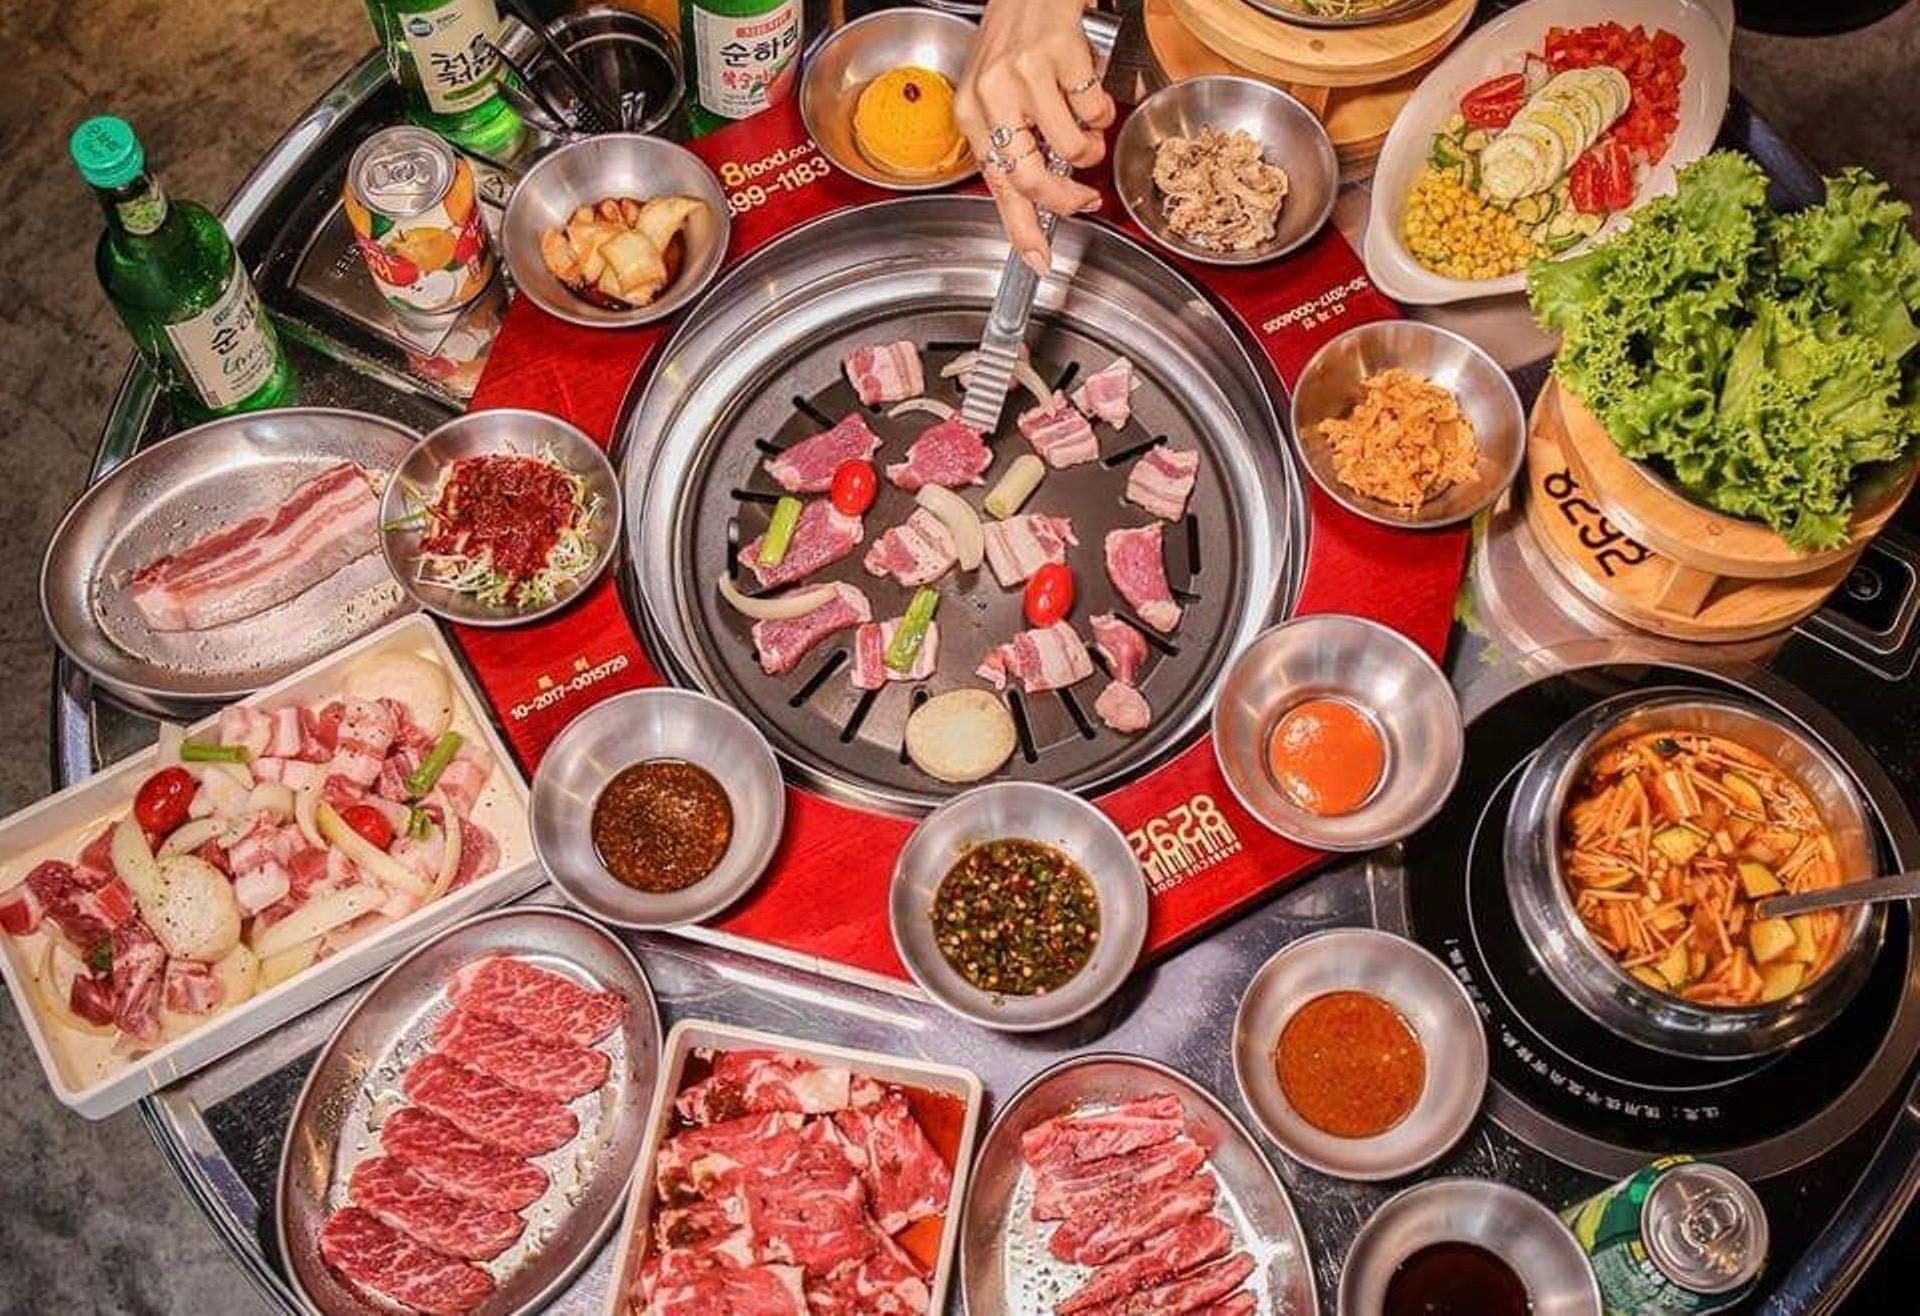 8292烤肉為八色烤肉旗下品牌,韓國店員的親切服務,營造出身在韓國的氛圍。